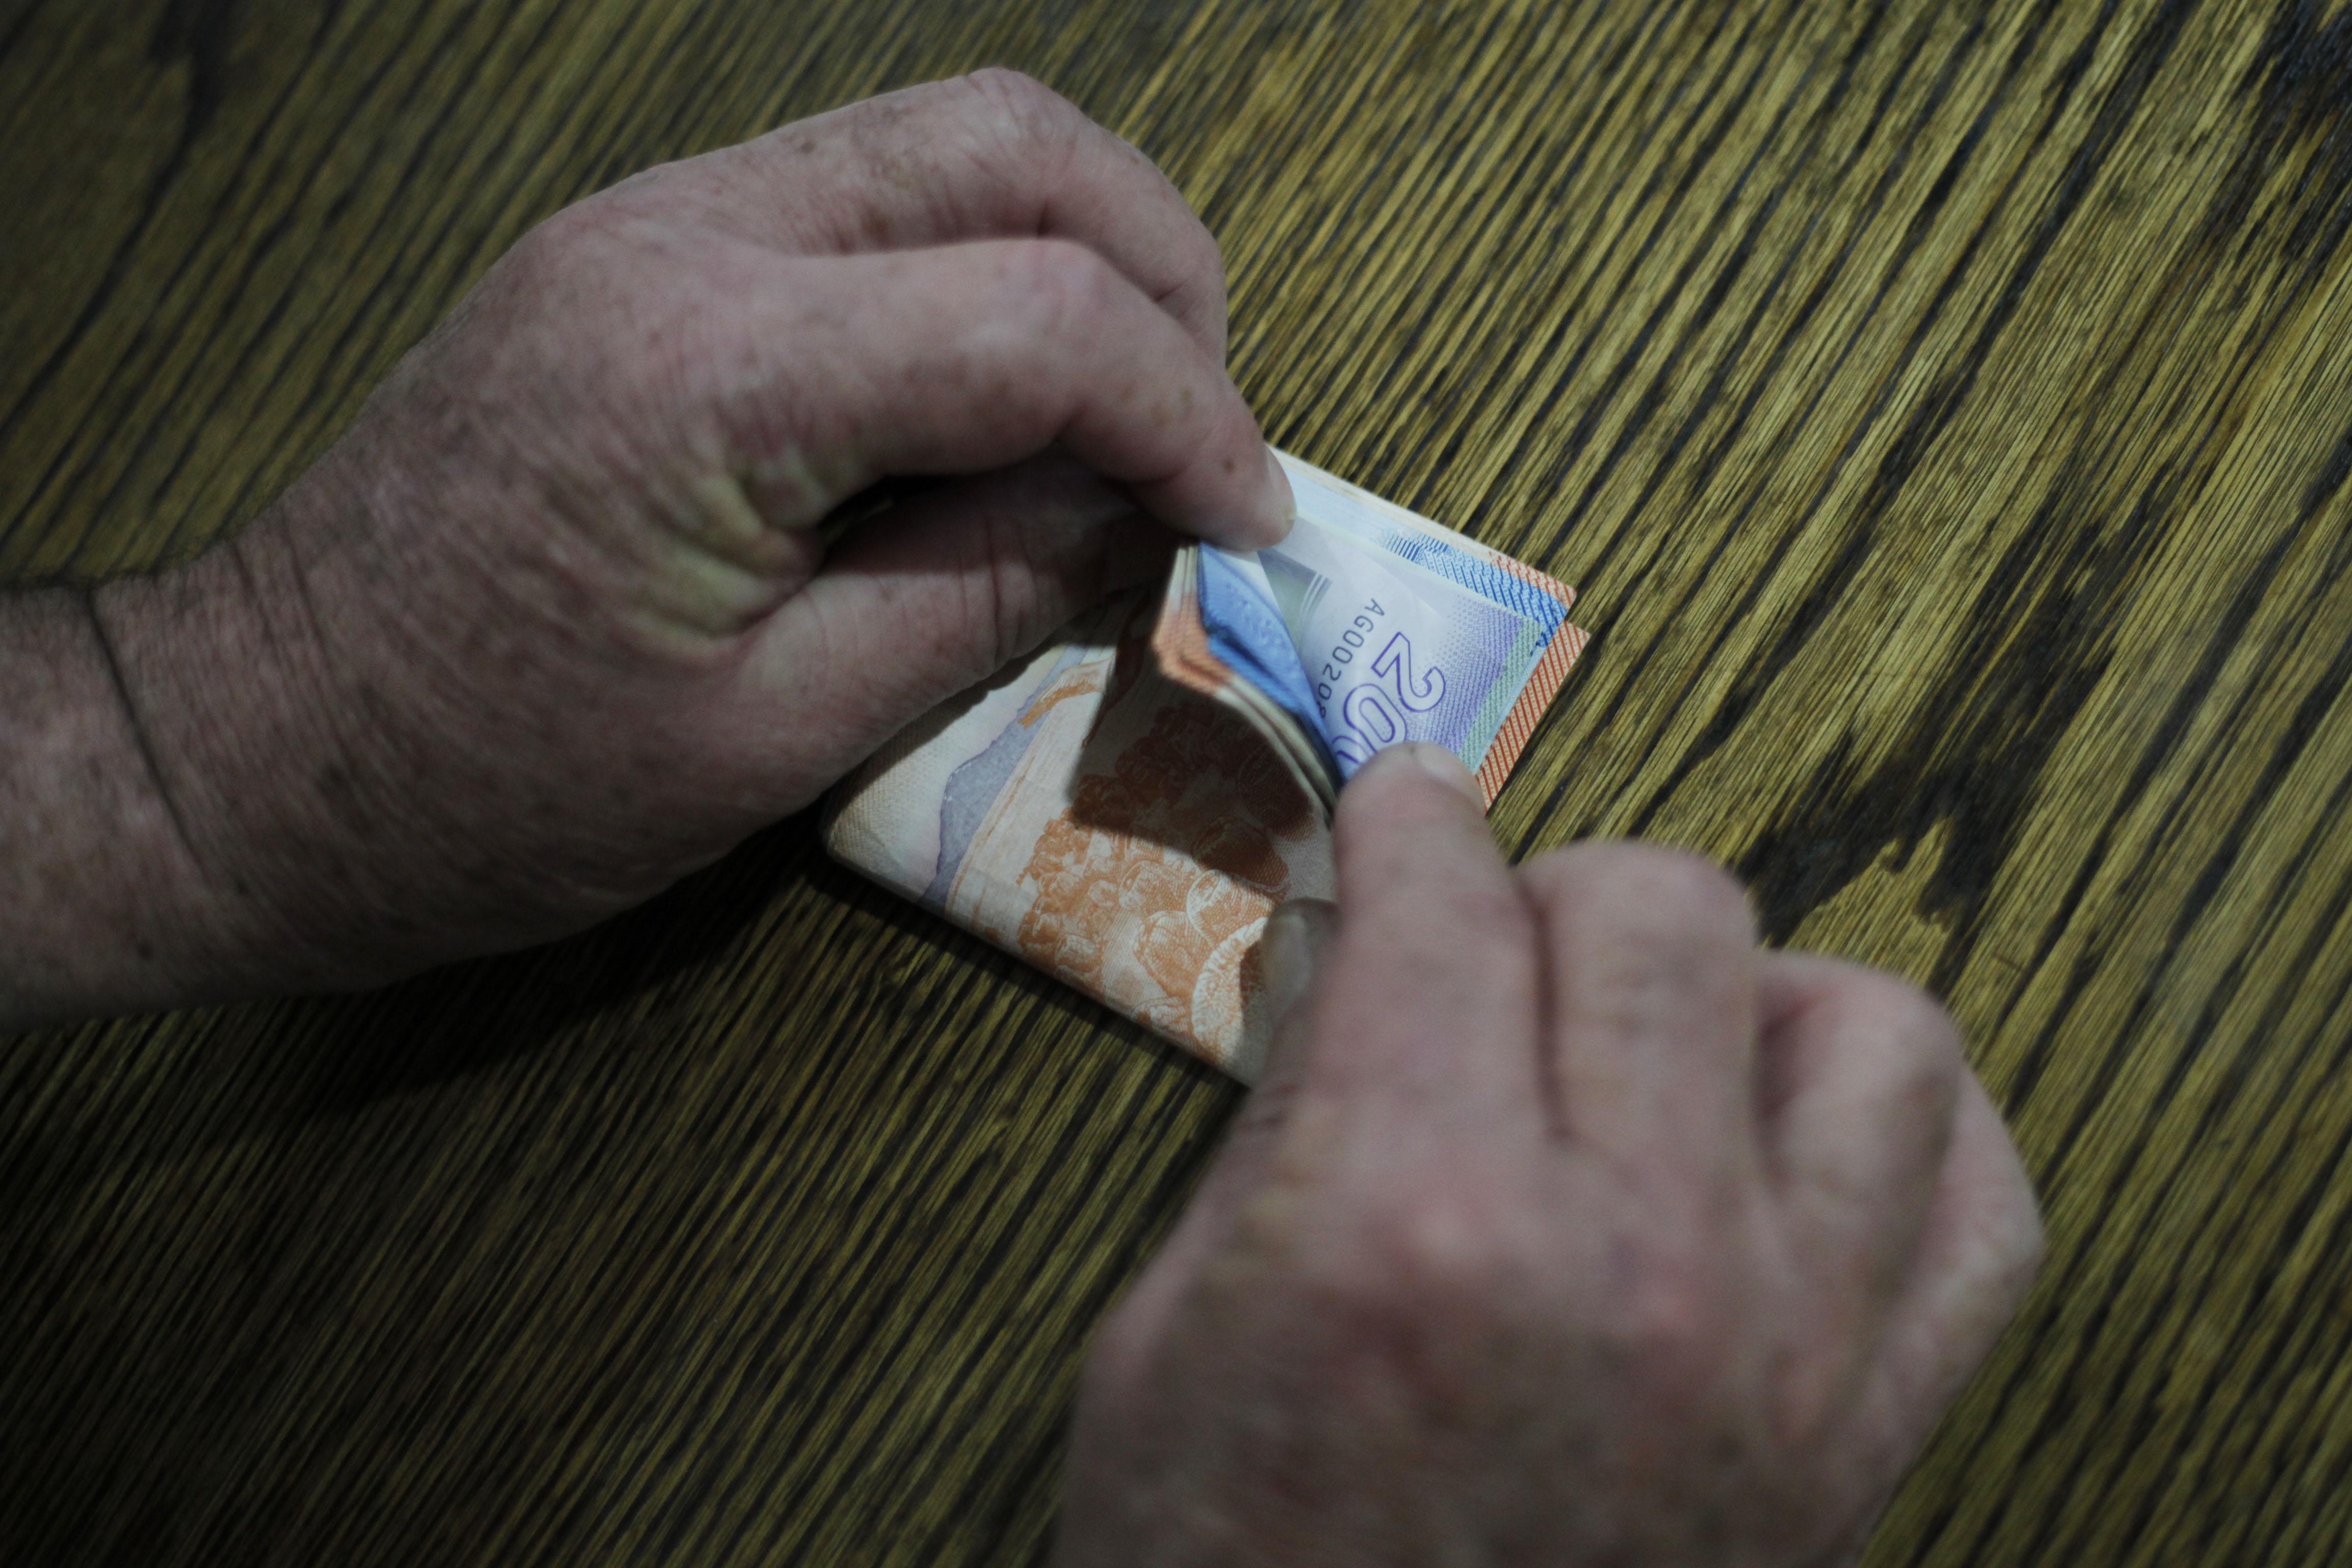 Acreencias bancarias 2017: Tres bancos publican nuevas nóminas de personas con dinero olvidado